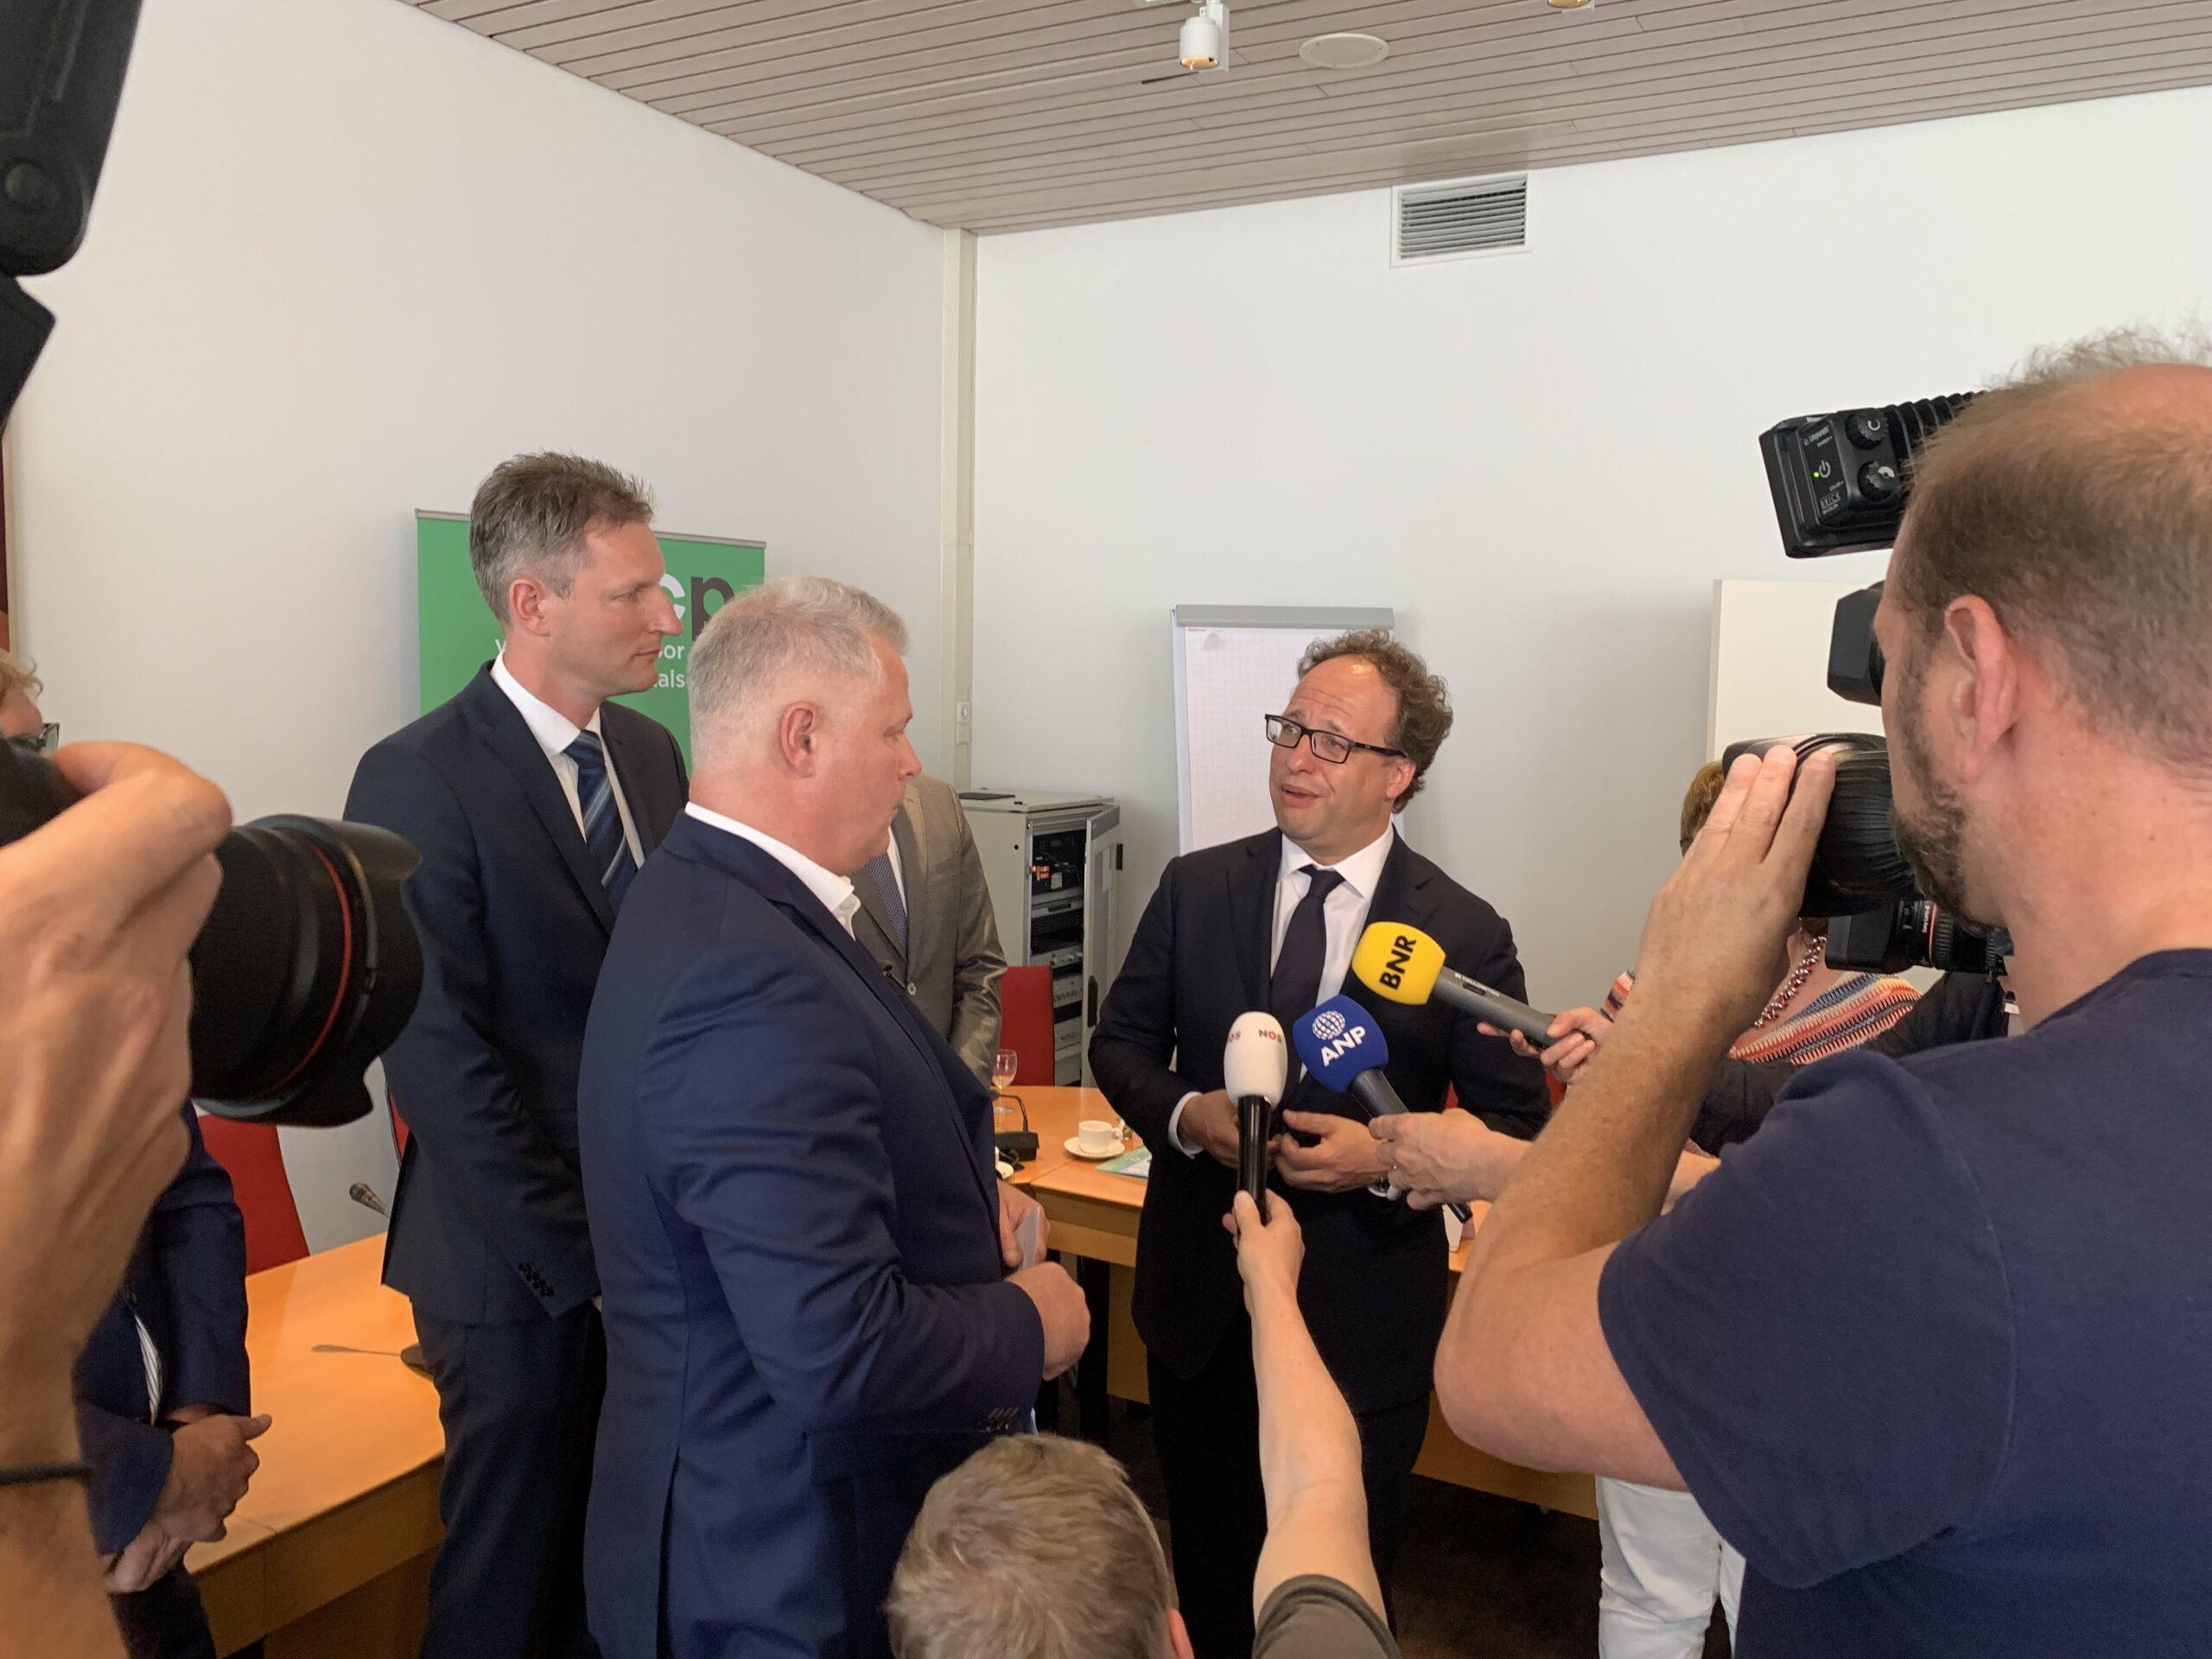 Ruud Stegers, Gerrit van de Kamp en Wouter Koolmees